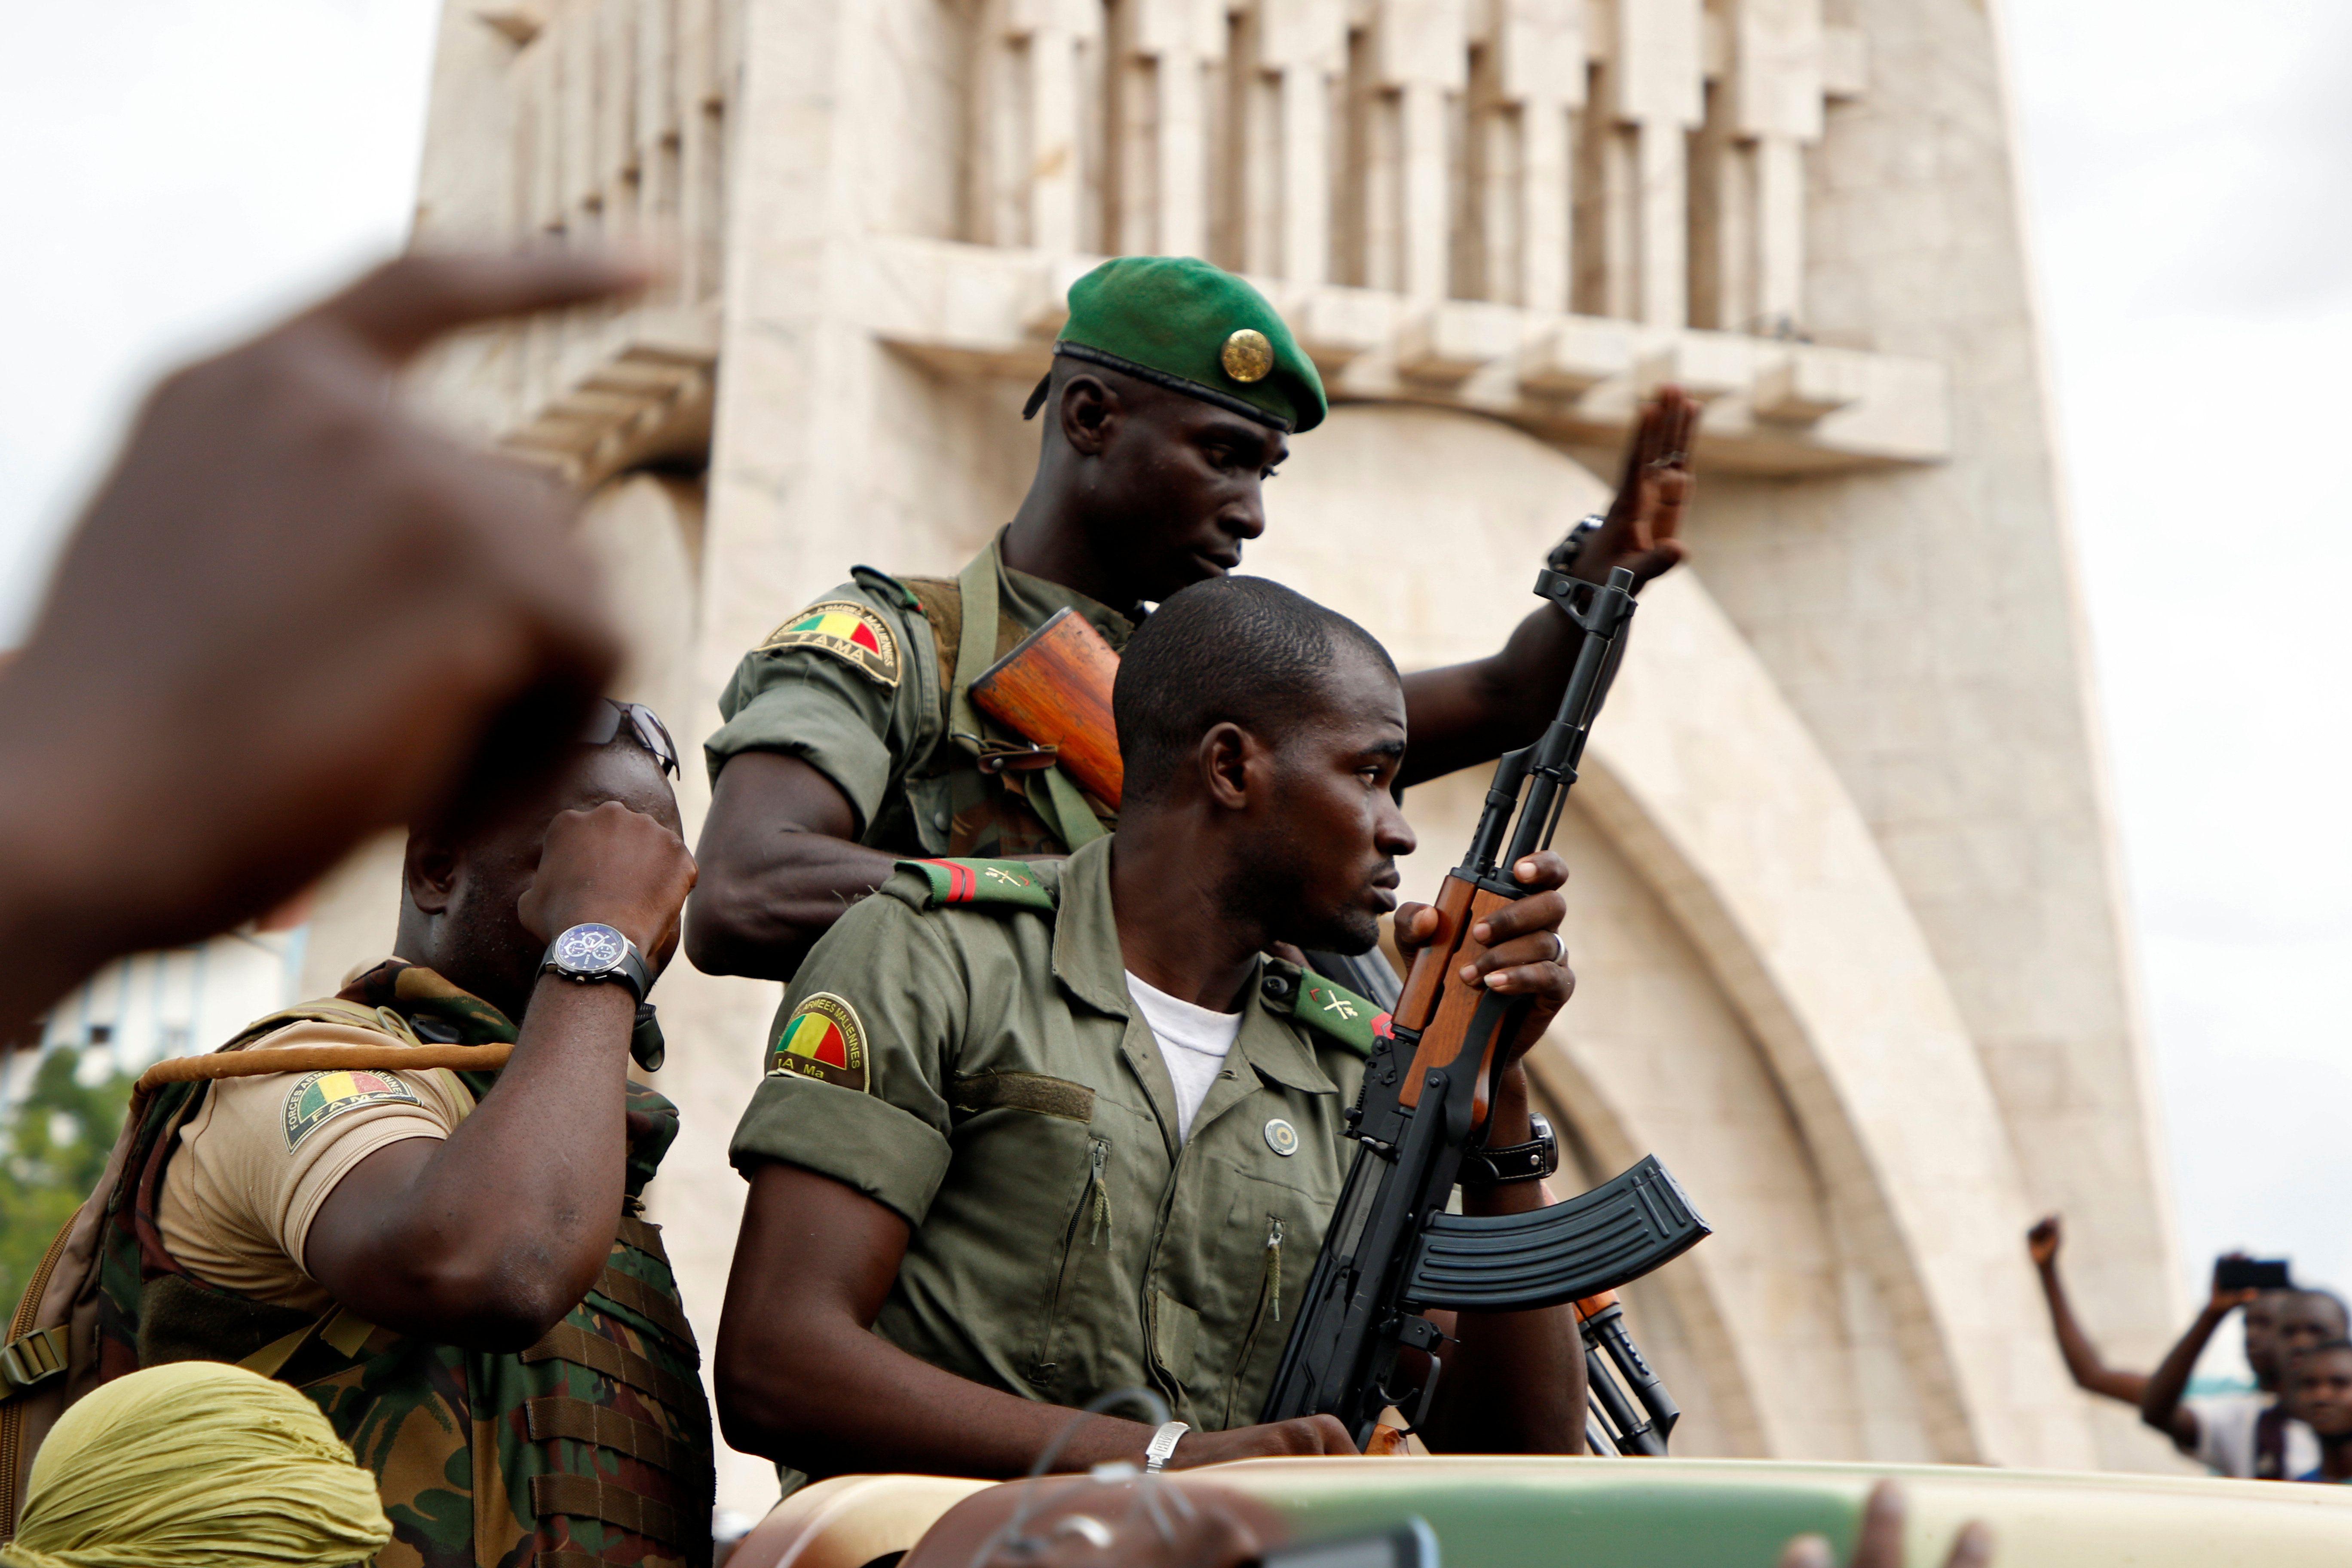 A dangerous déjà vu in Mali